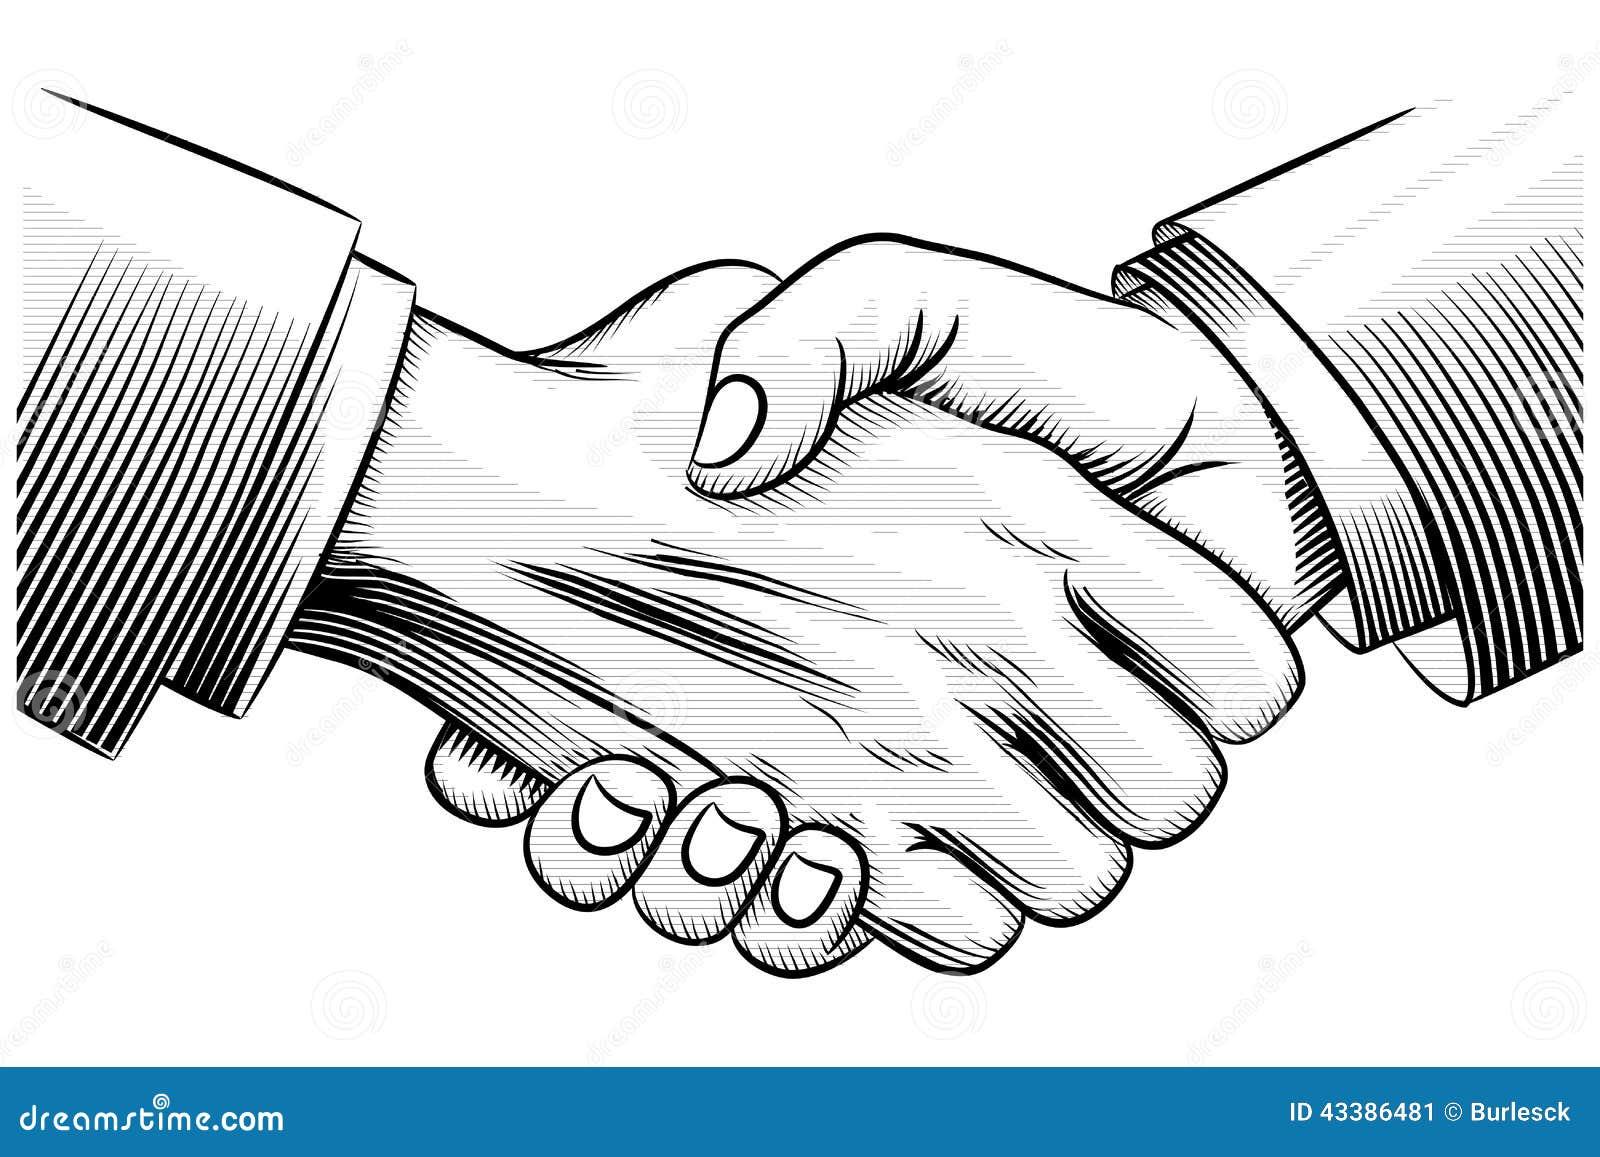 Sketch Handshake Stock Vector Image 43386481